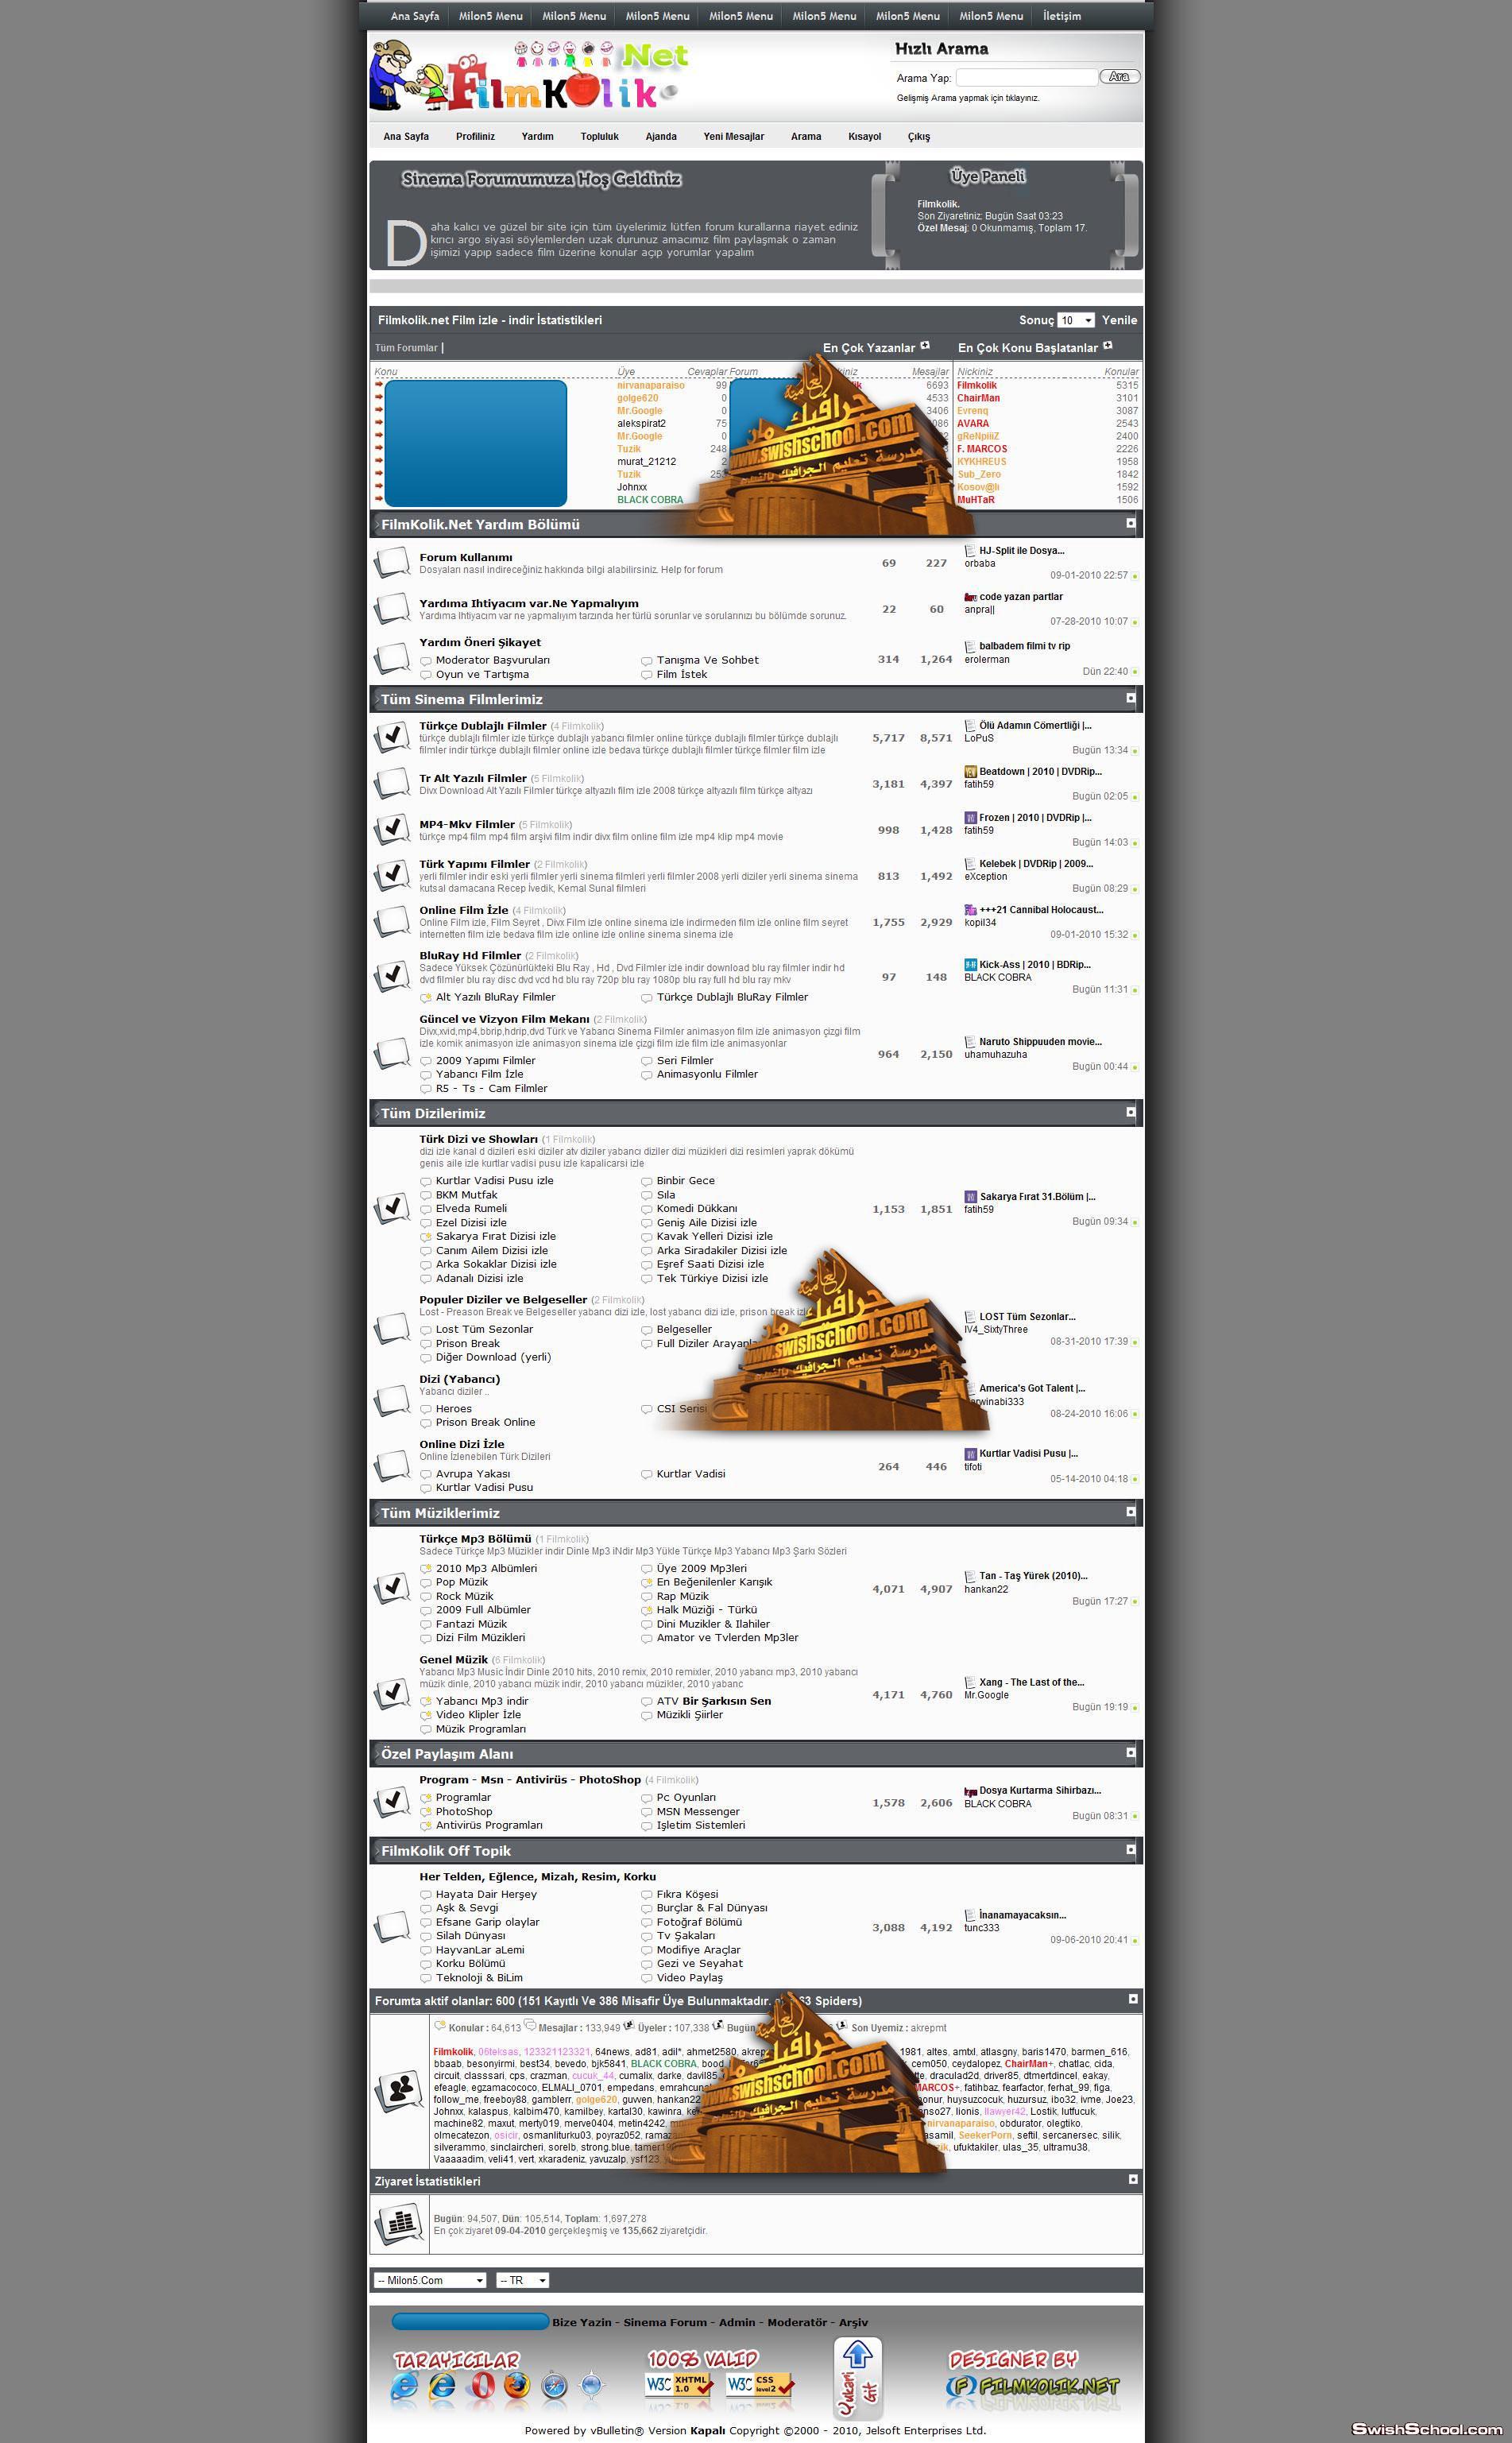 استايل Soft Gri Milon5 الرائع لمنتديات الجيل الثالث Sof Gri Skin (Style) For vBulletin